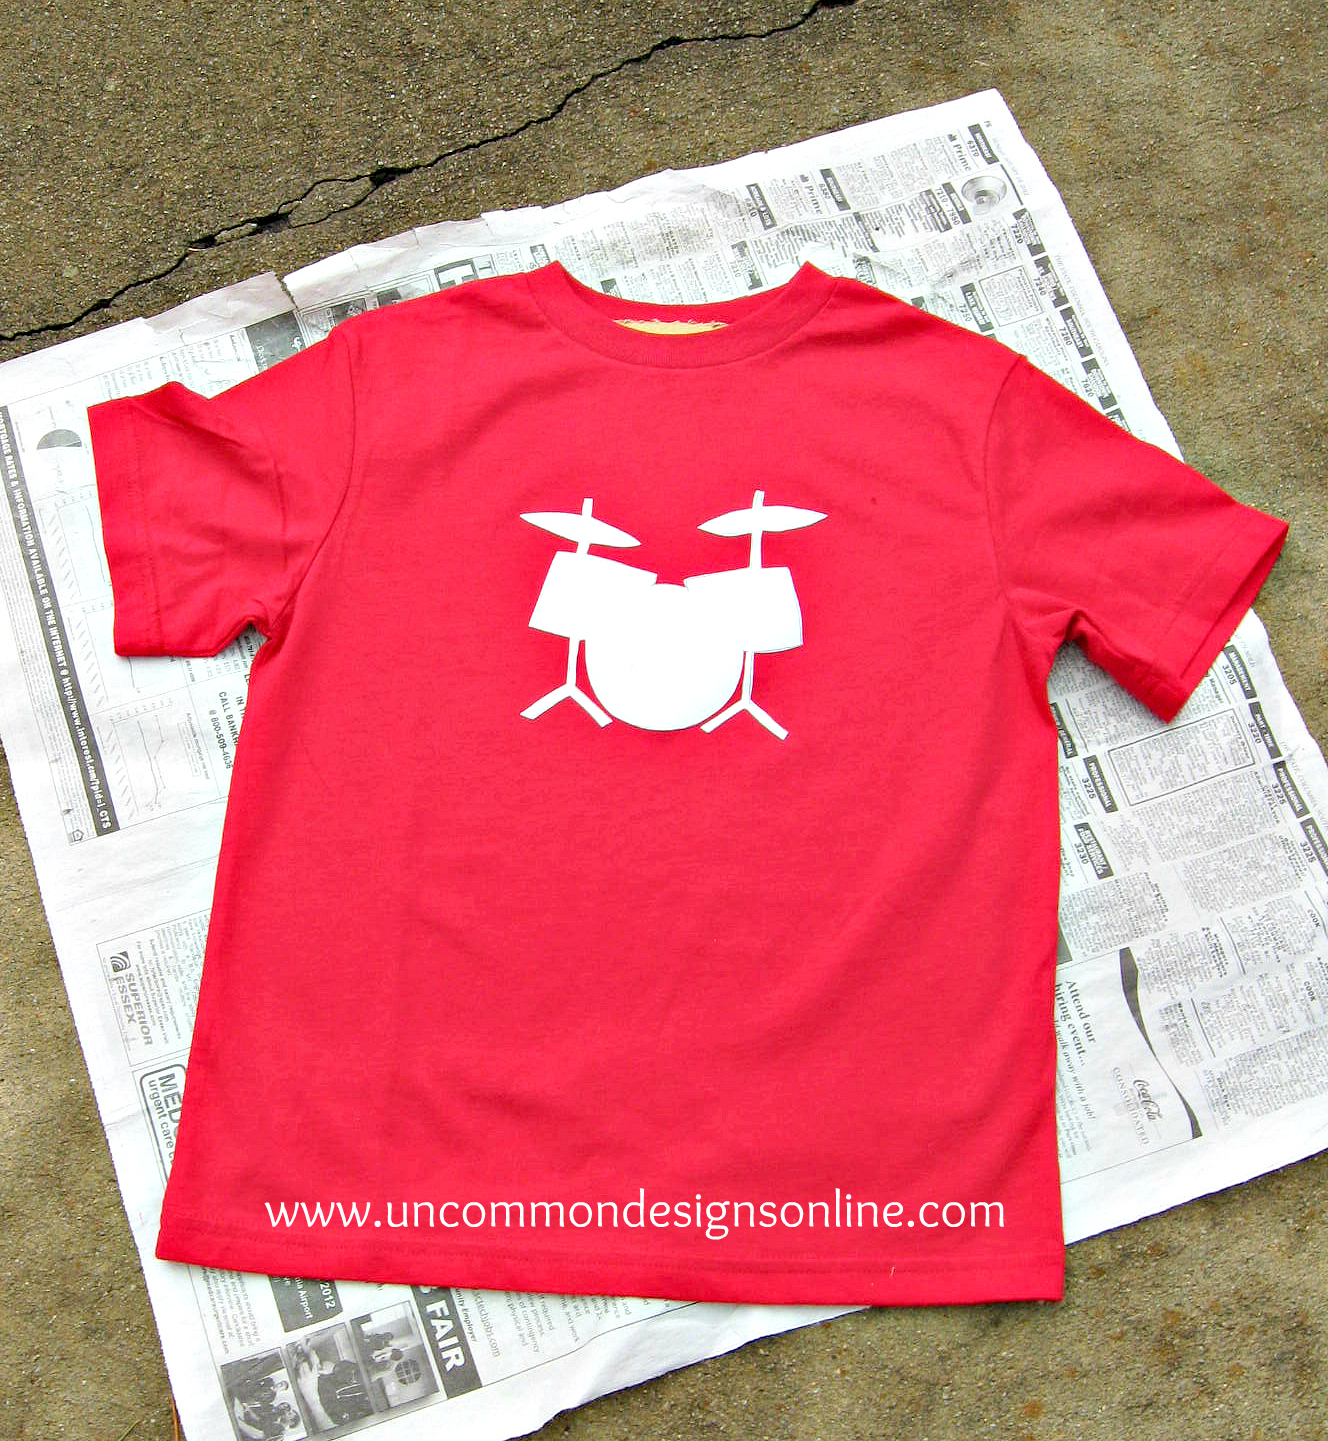 Shirt design using bleach - Diy Bleach T Shirt